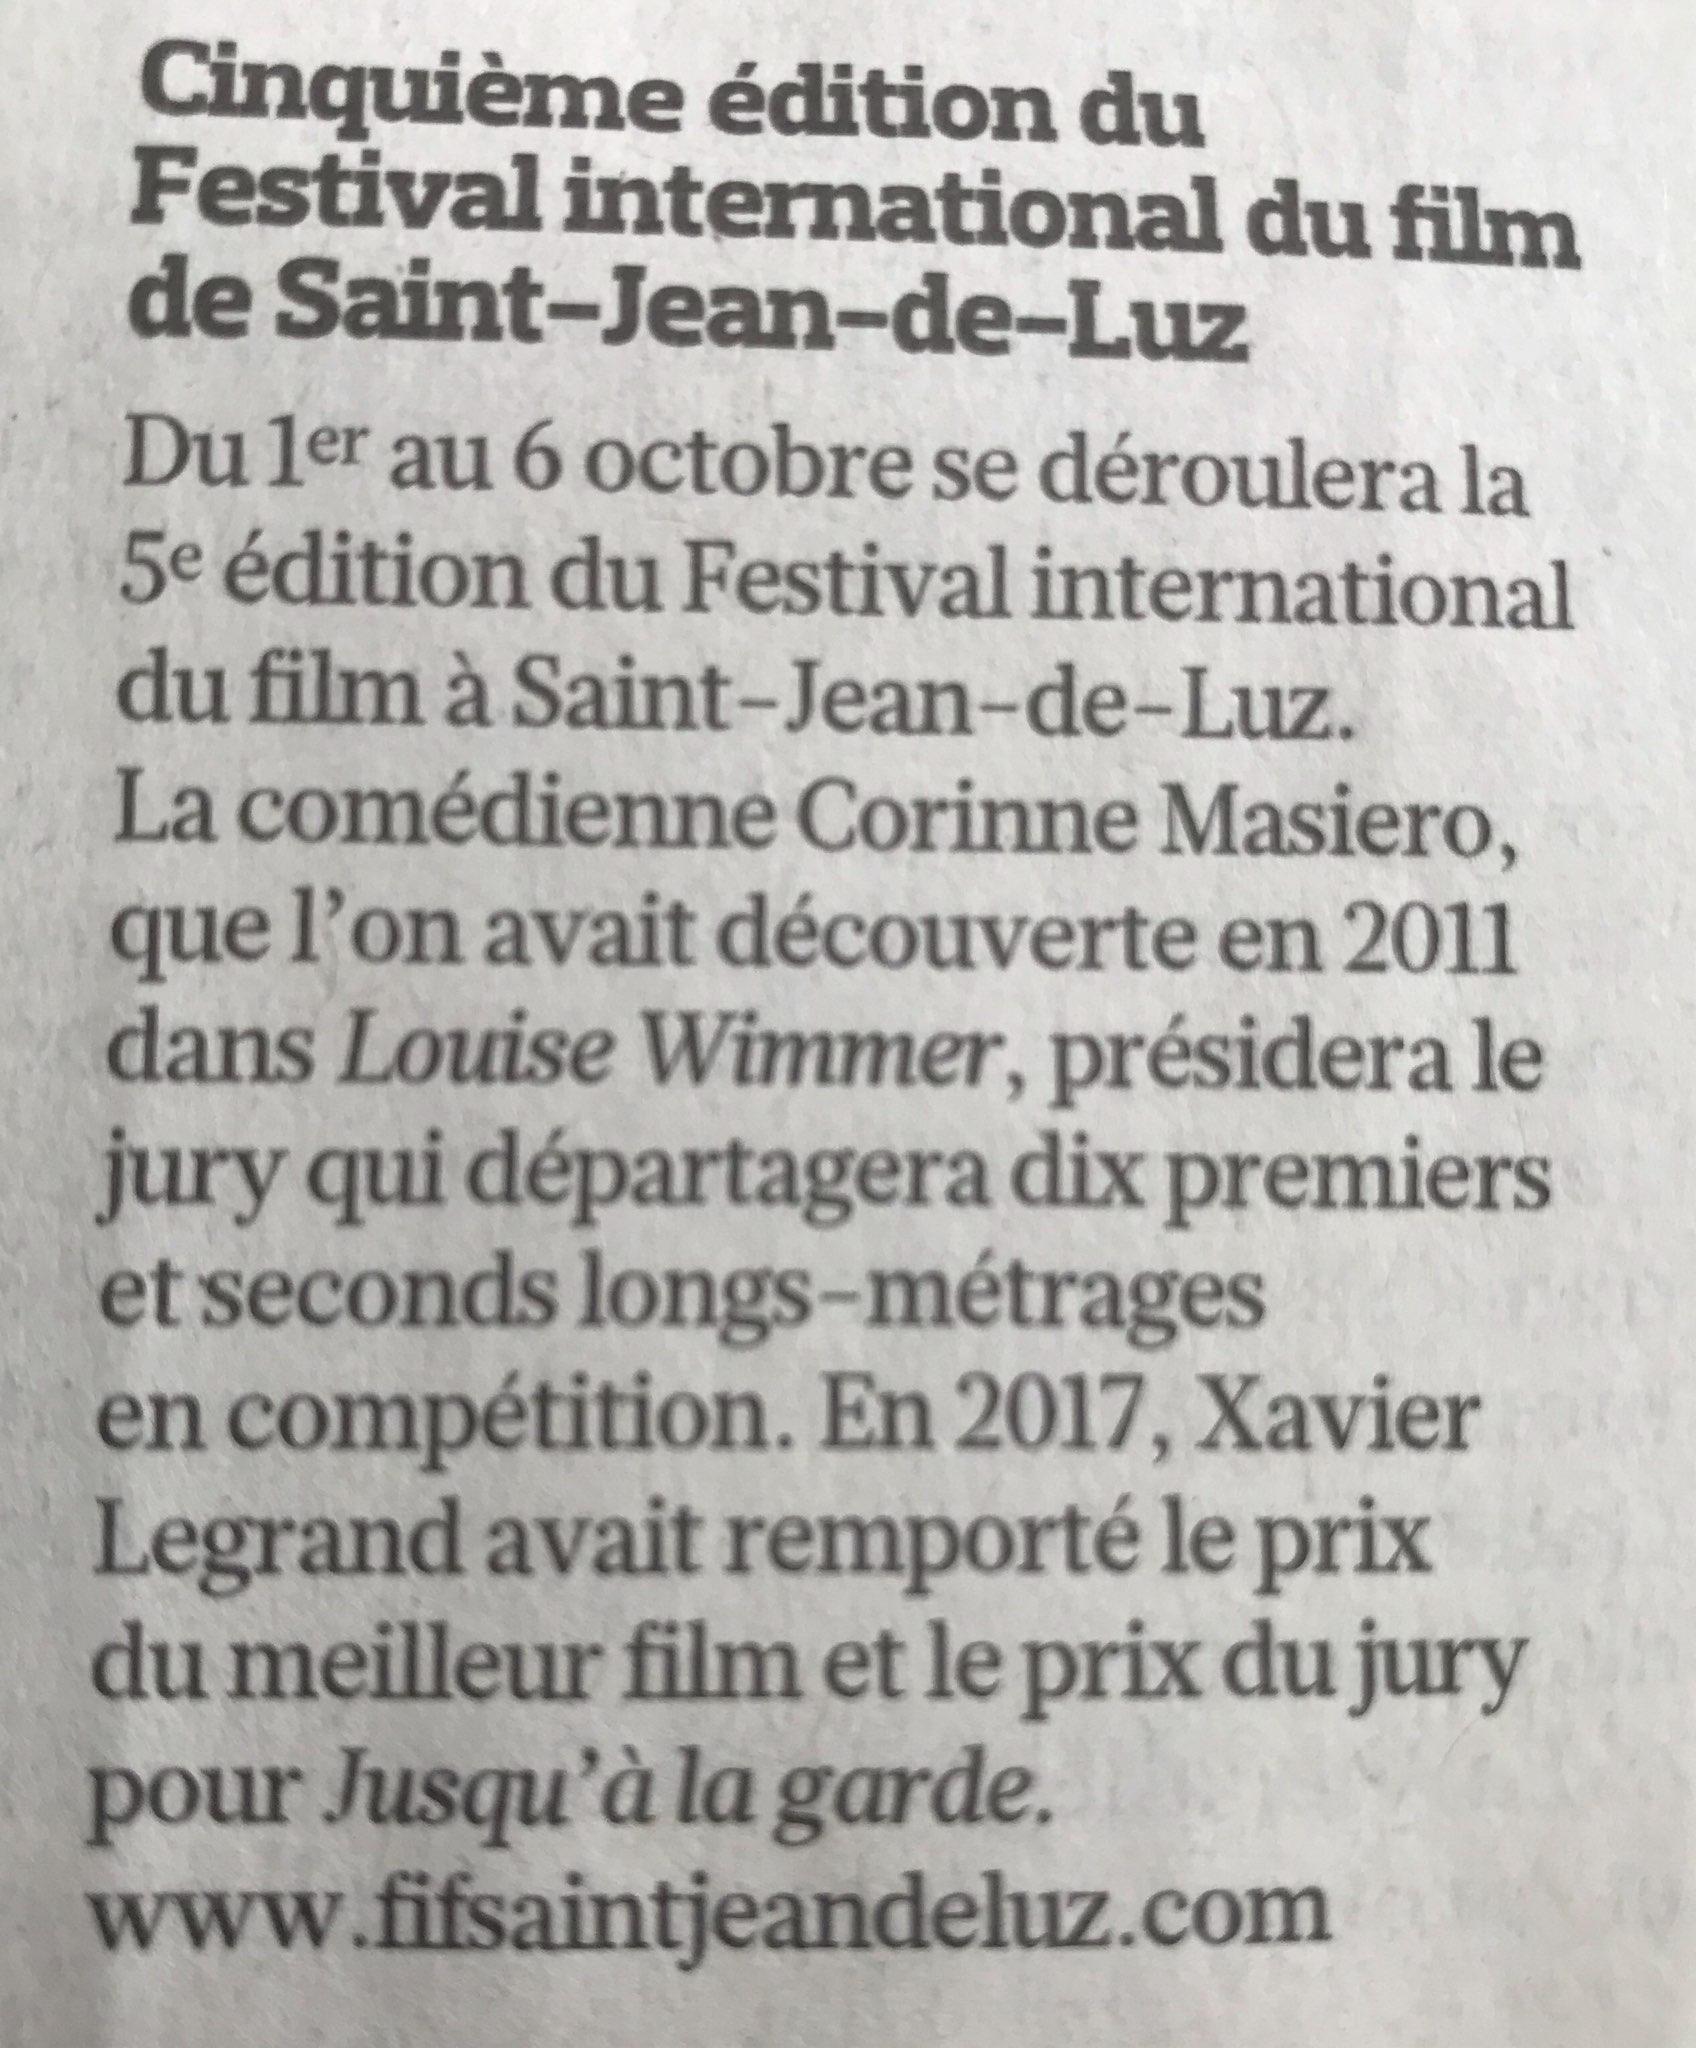 18-09-2018 Le Figaro